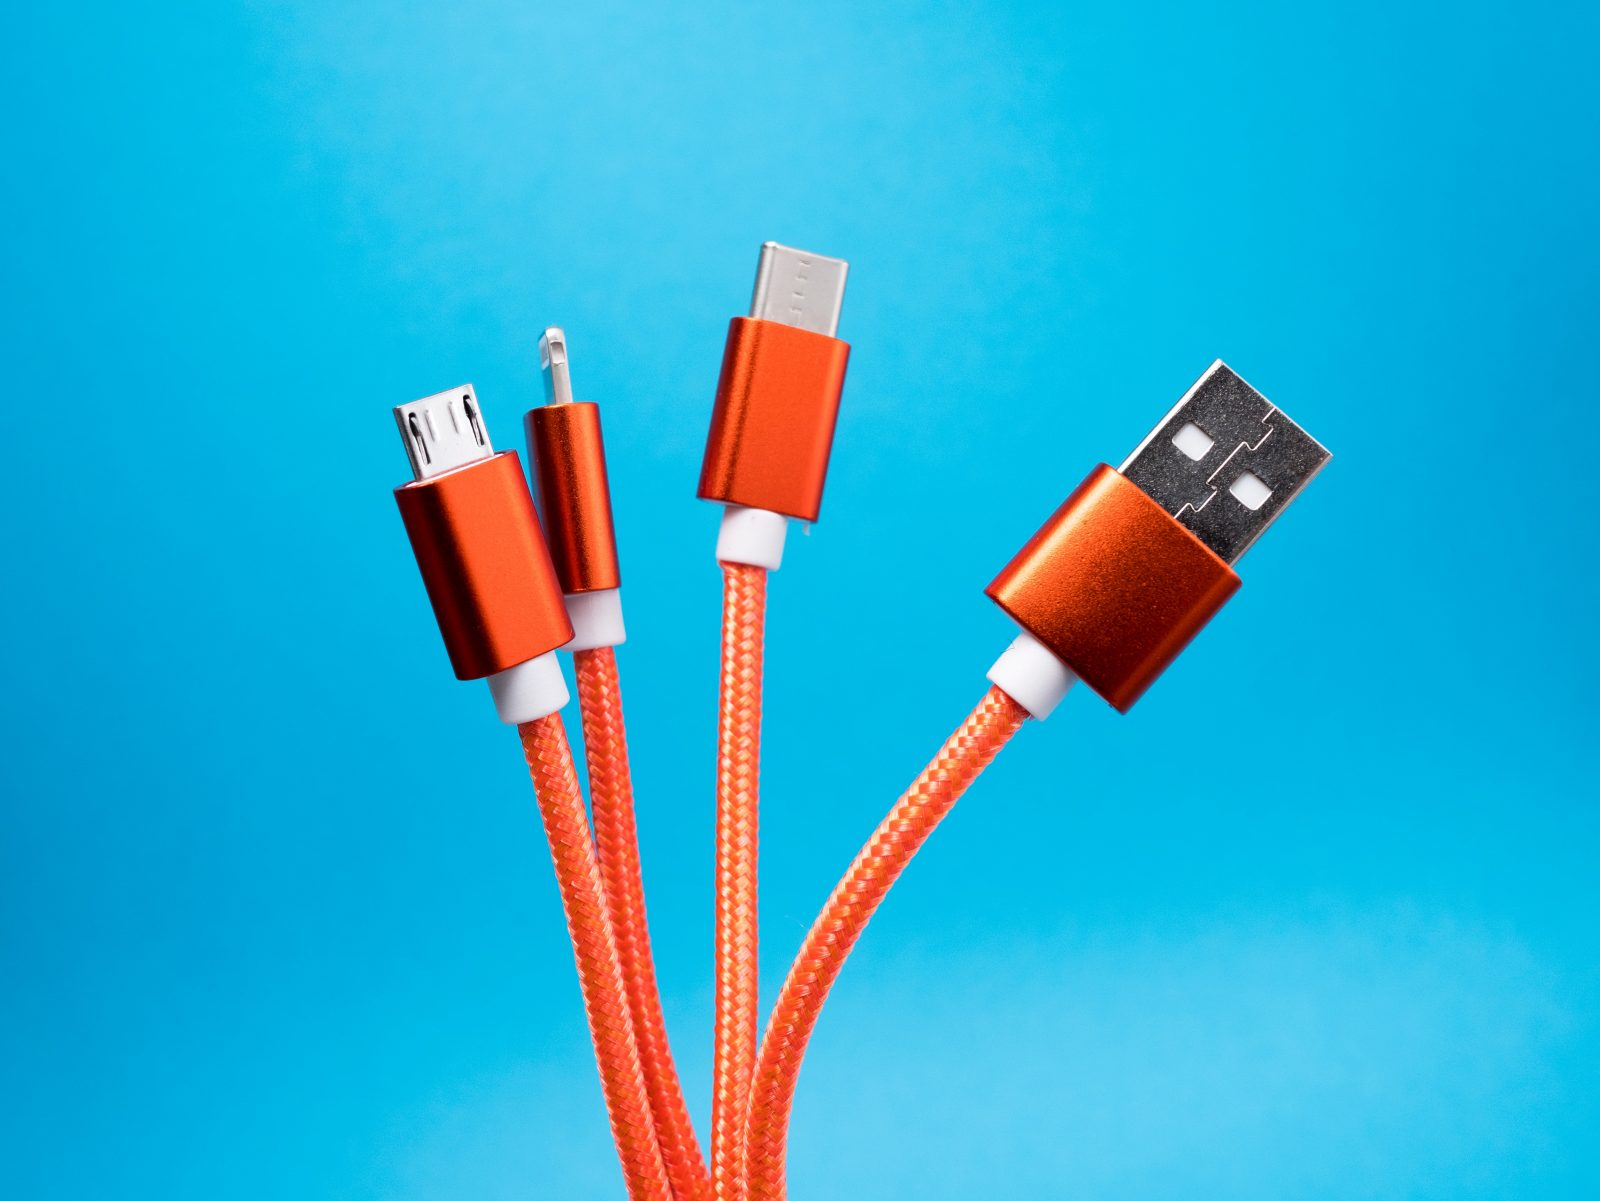 Proper Cable Management